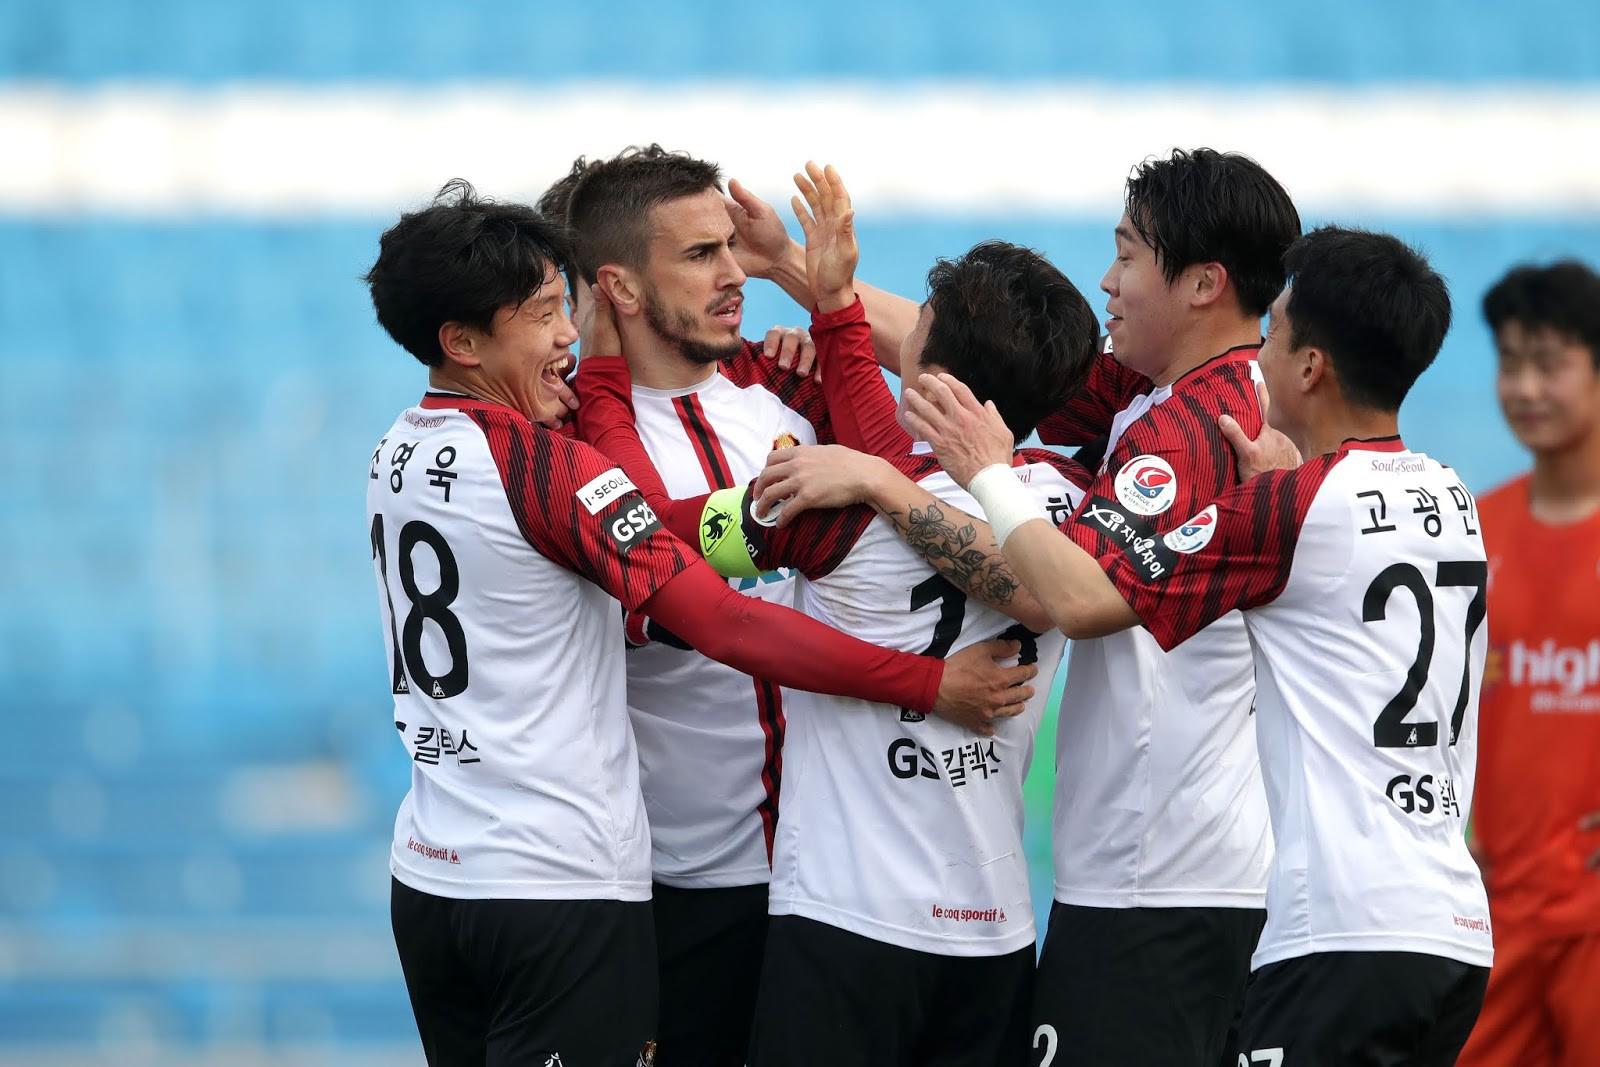 3 trận cầu vàng hôm nay (15/5): Nhận định bóng đá chuyên nghiệp - Ảnh 2.